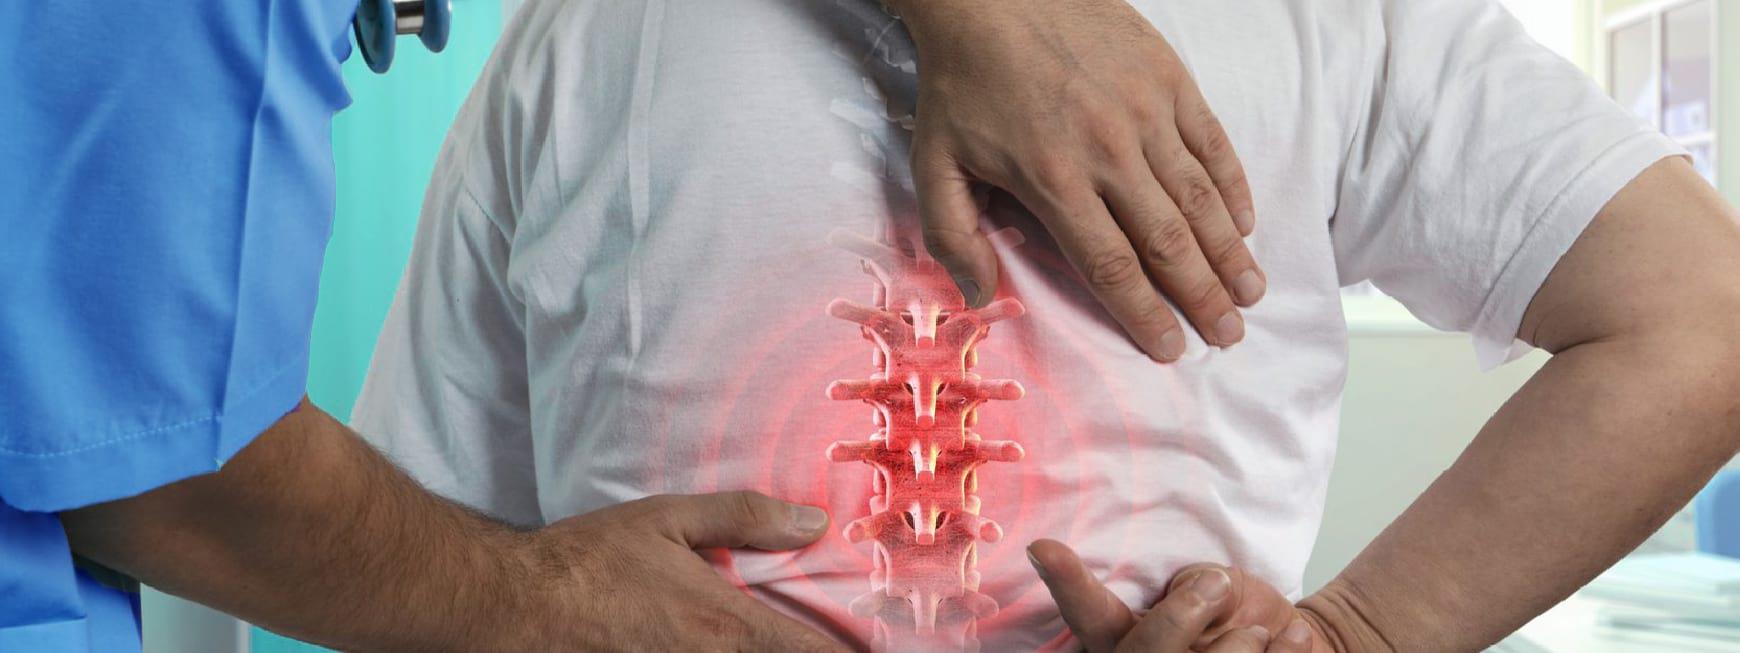 پیشگیری از عوارض عمل دیسک کمر